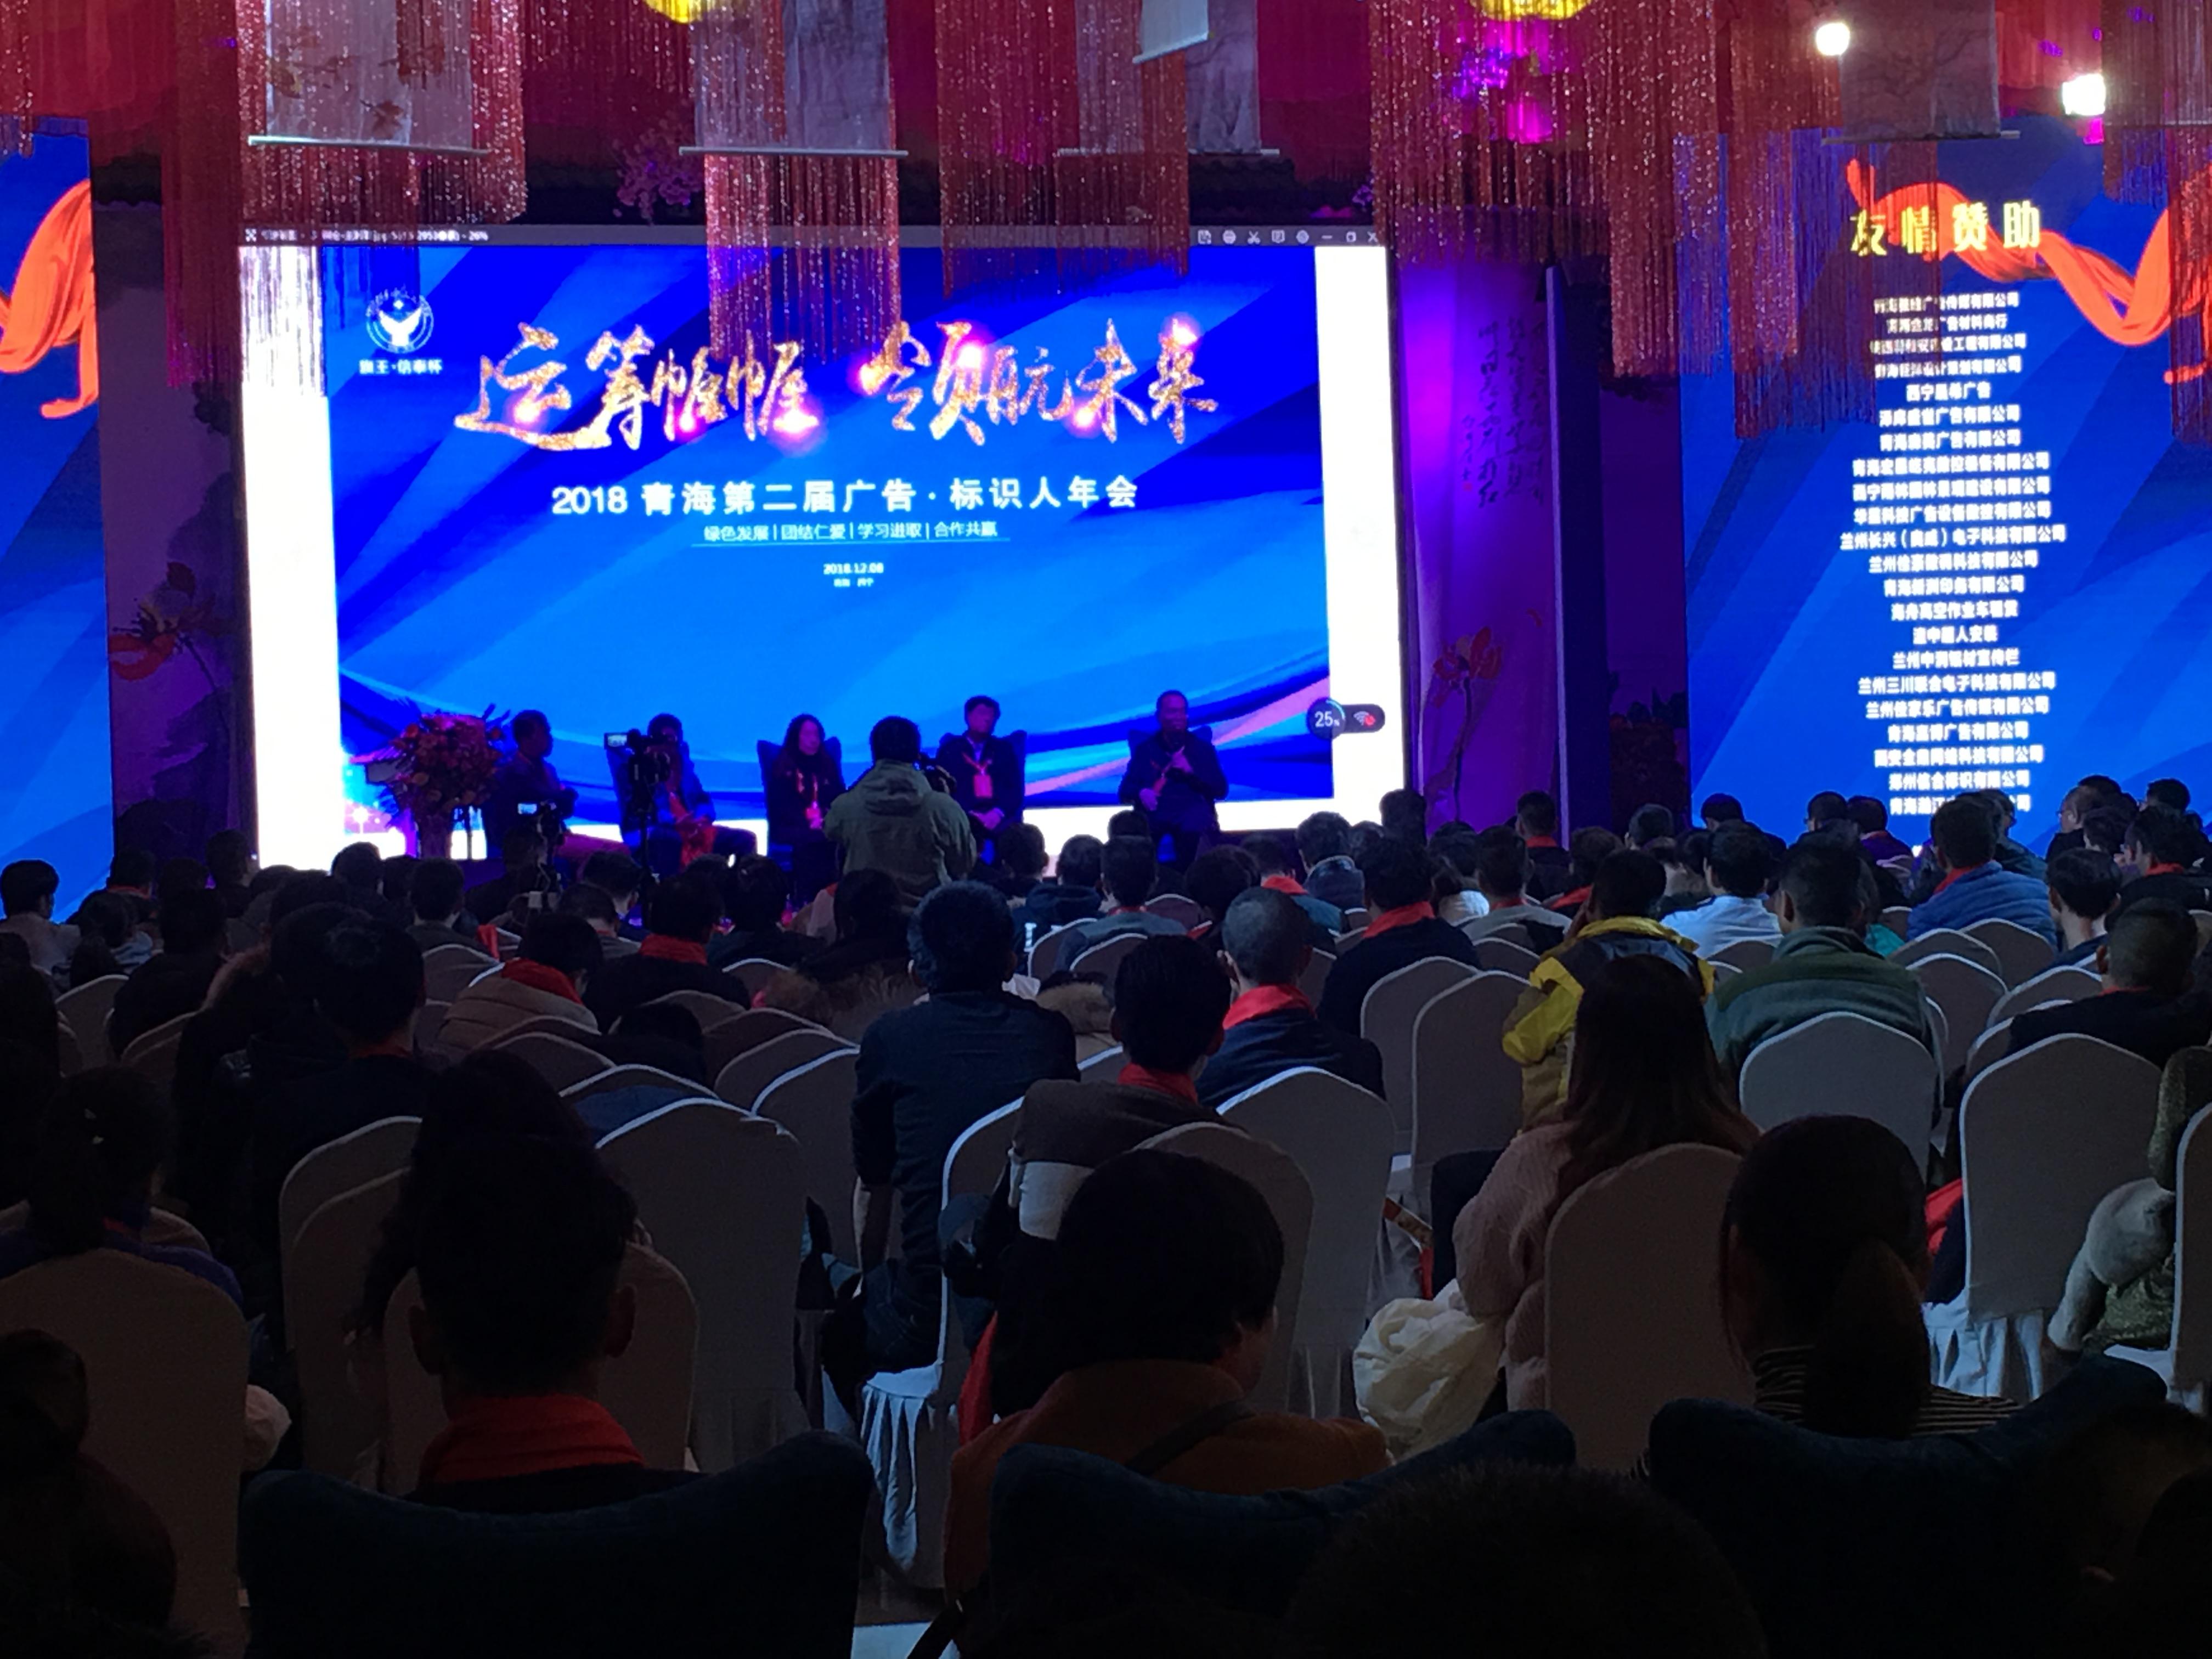 2018青海第二届广告·标识人年会在西宁市和园生态文化小镇罗曼国际厅成功举办!